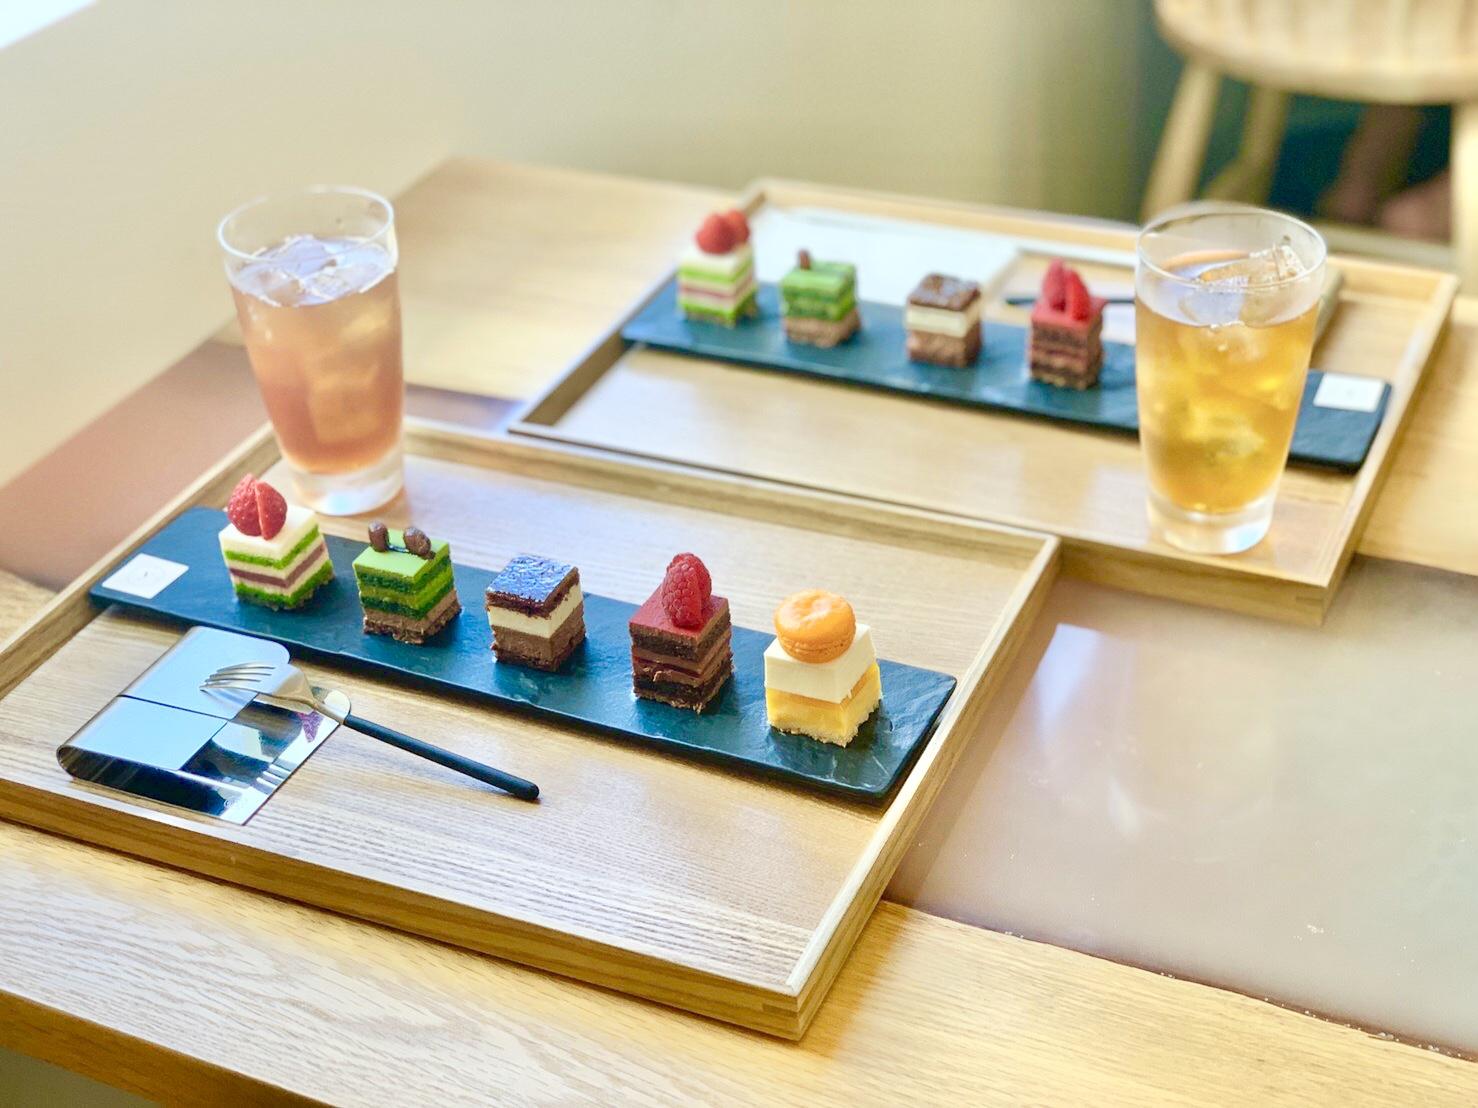 【コスパも味も最高のマカロン&ケーキ】3月にオープンしたばかりの大注目鎌倉スイーツ店_6